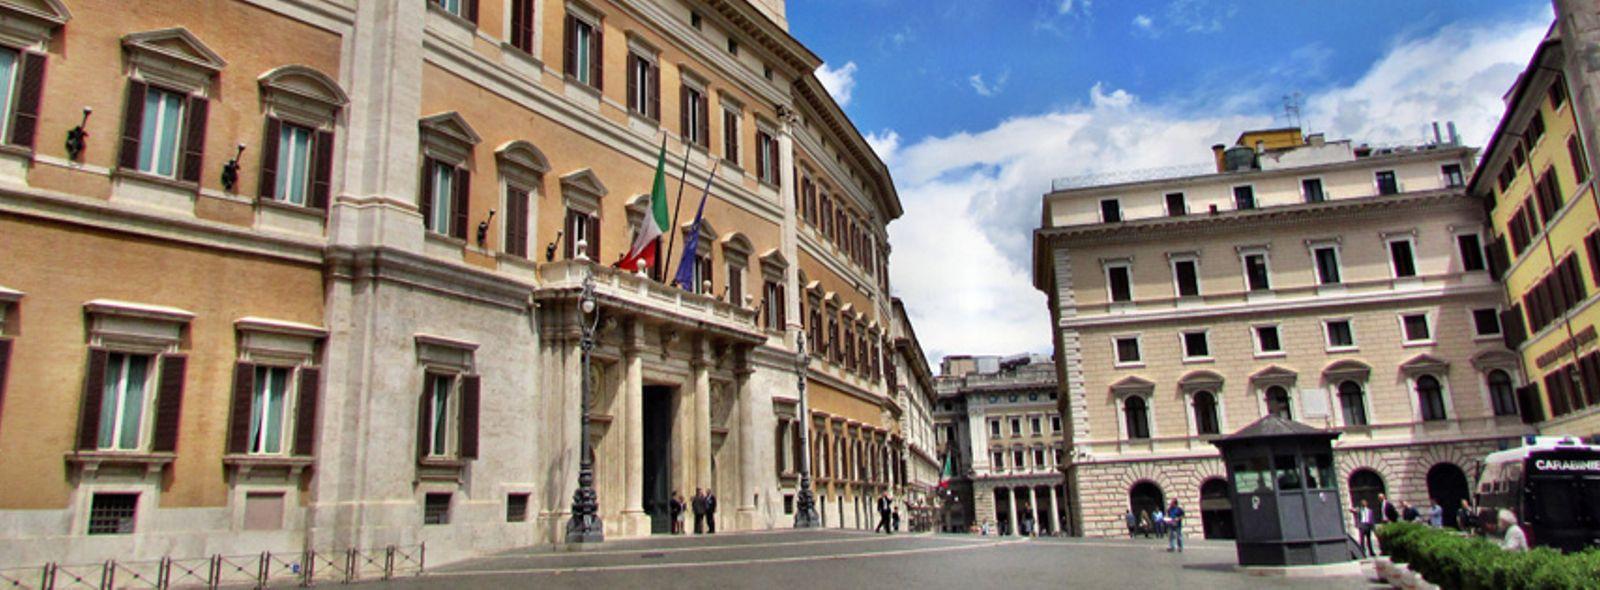 Legge elettorale Italicum bis